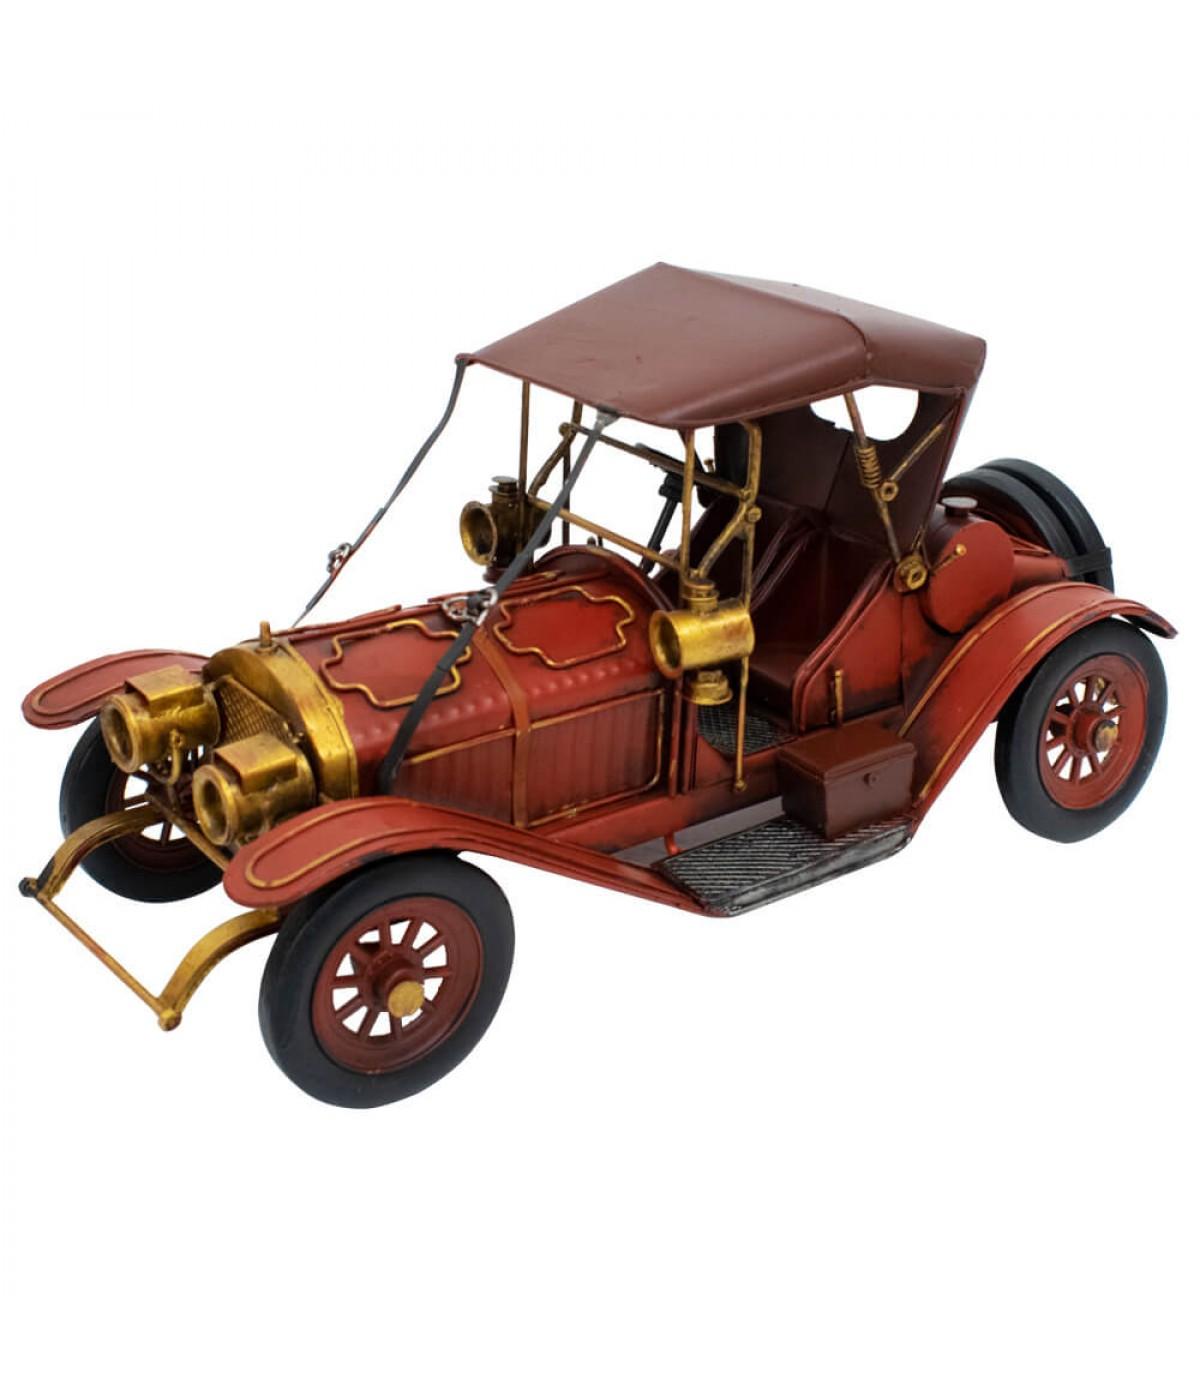 Carro Antigo Vermelho 17x34x14.5cm Estilo Retrô - Vintage